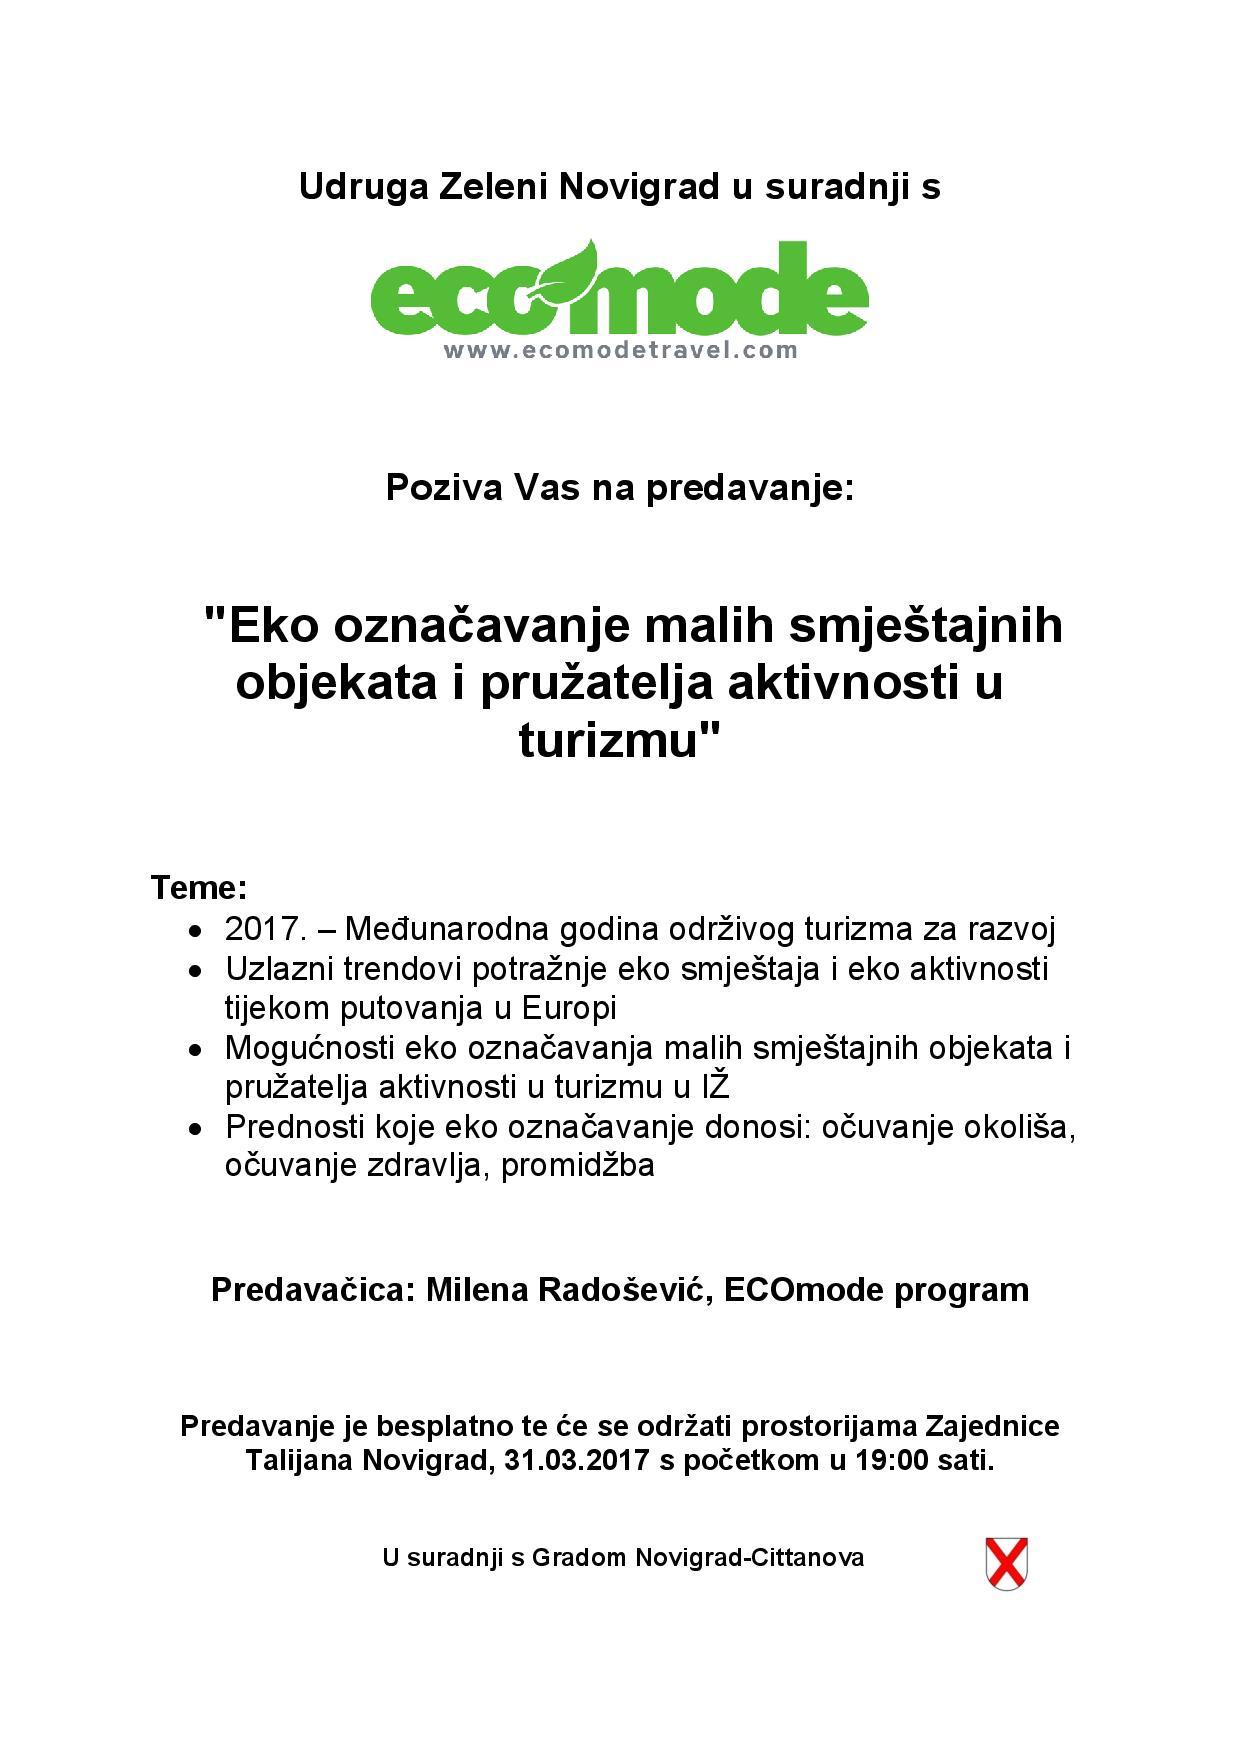 http://www.novigrad.hr/predavanje_eko_oznachavanje_malih_smjeshtajnih_objekata_i_pruzhatelja_aktiv